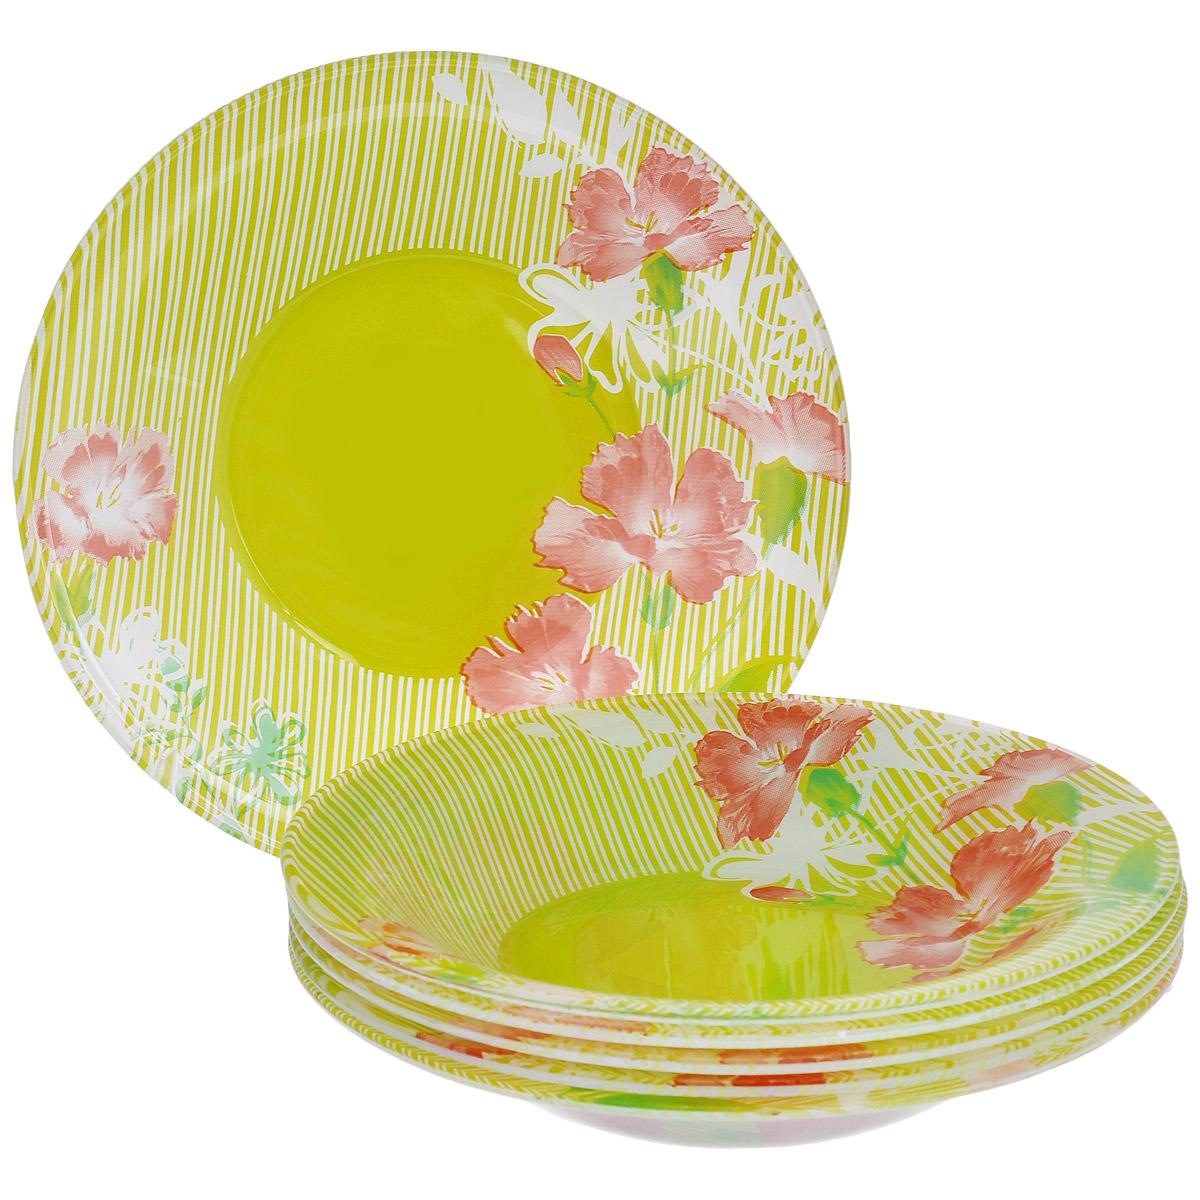 Набор глубоких тарелок Цветы, цвет: зеленый, диаметр 19 см, 6 штFSP75T-T0924Набор тарелок Цветы, выполненный из высококачественного стекла зеленого цвета, состоит из 6 глубоких тарелок. Тарелки оформлены изображением цветов. Они сочетают в себе изысканный дизайн с максимальной функциональностью. Оригинальность оформления тарелок придется по вкусу и ценителям классики, и тем, кто предпочитает утонченность и изящность. Набор тарелок послужит отличным подарком к любому празднику.